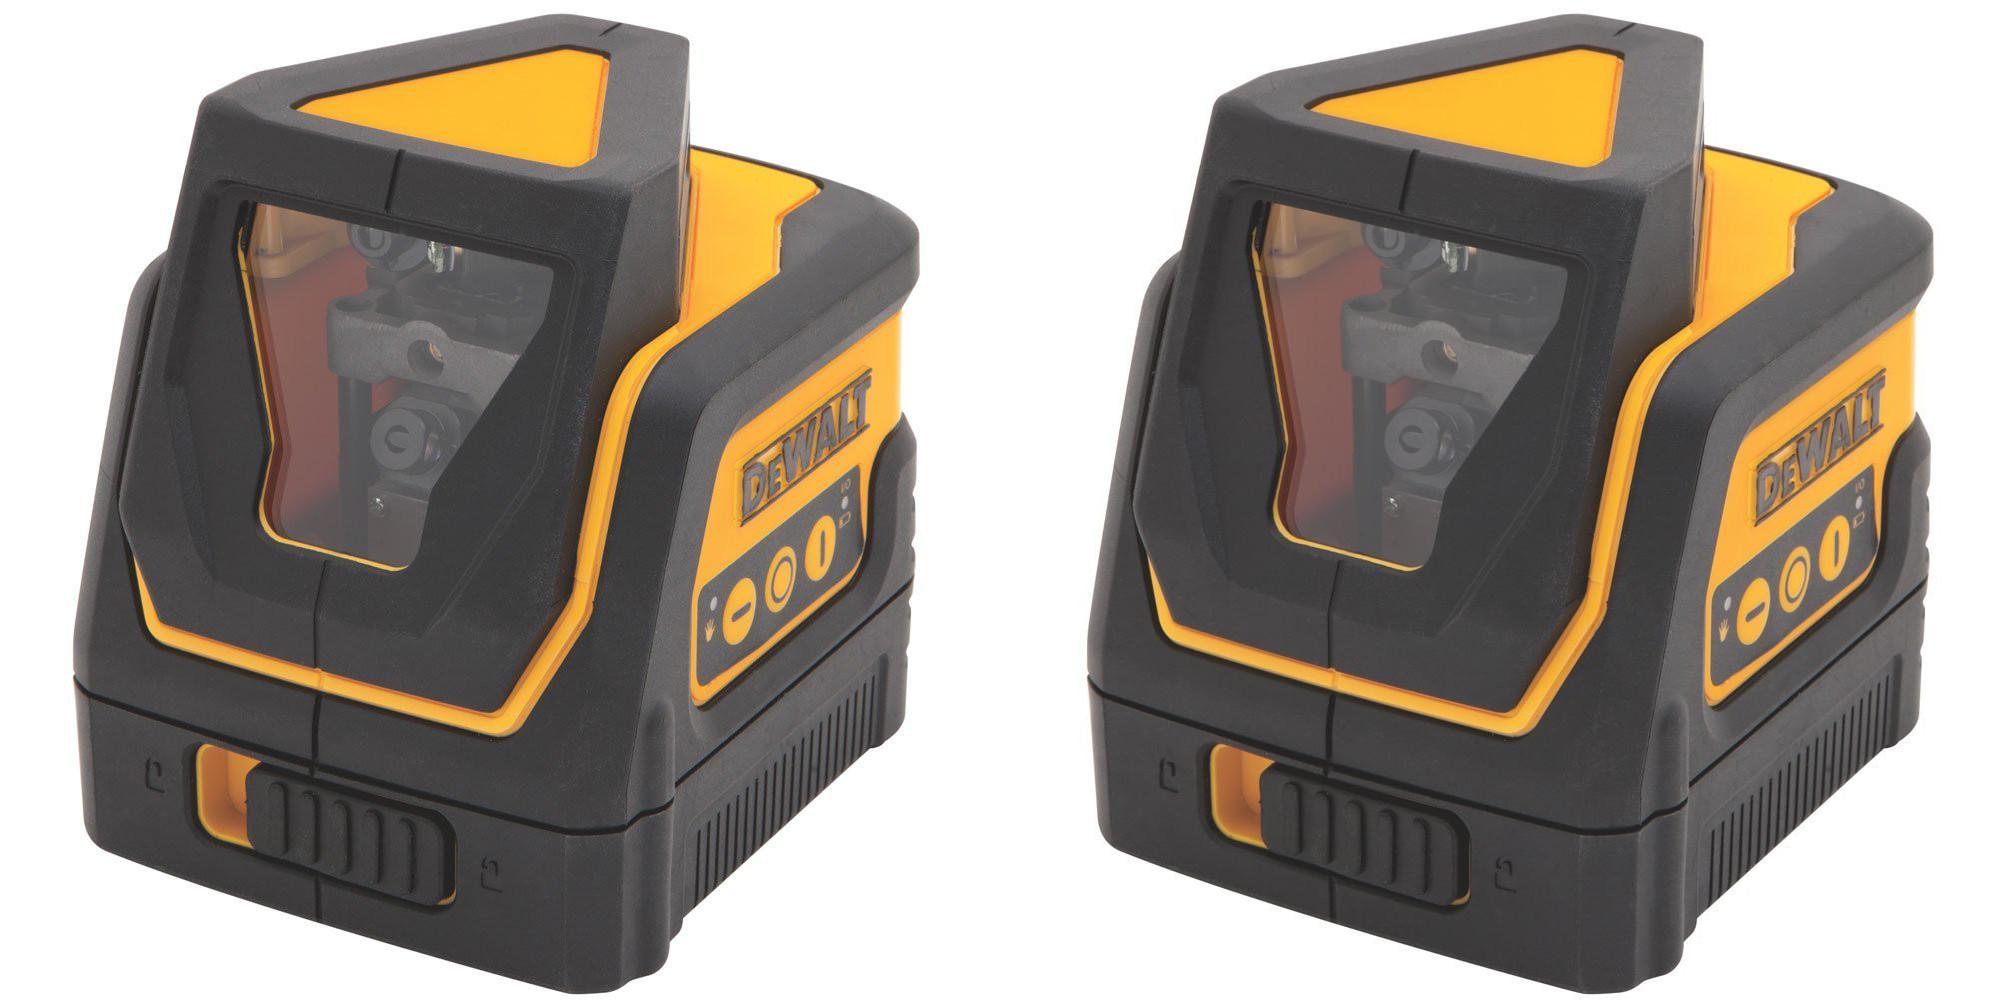 dewalt-self-leveling-360-degree-line-and-vertical-line-laser-dw0811